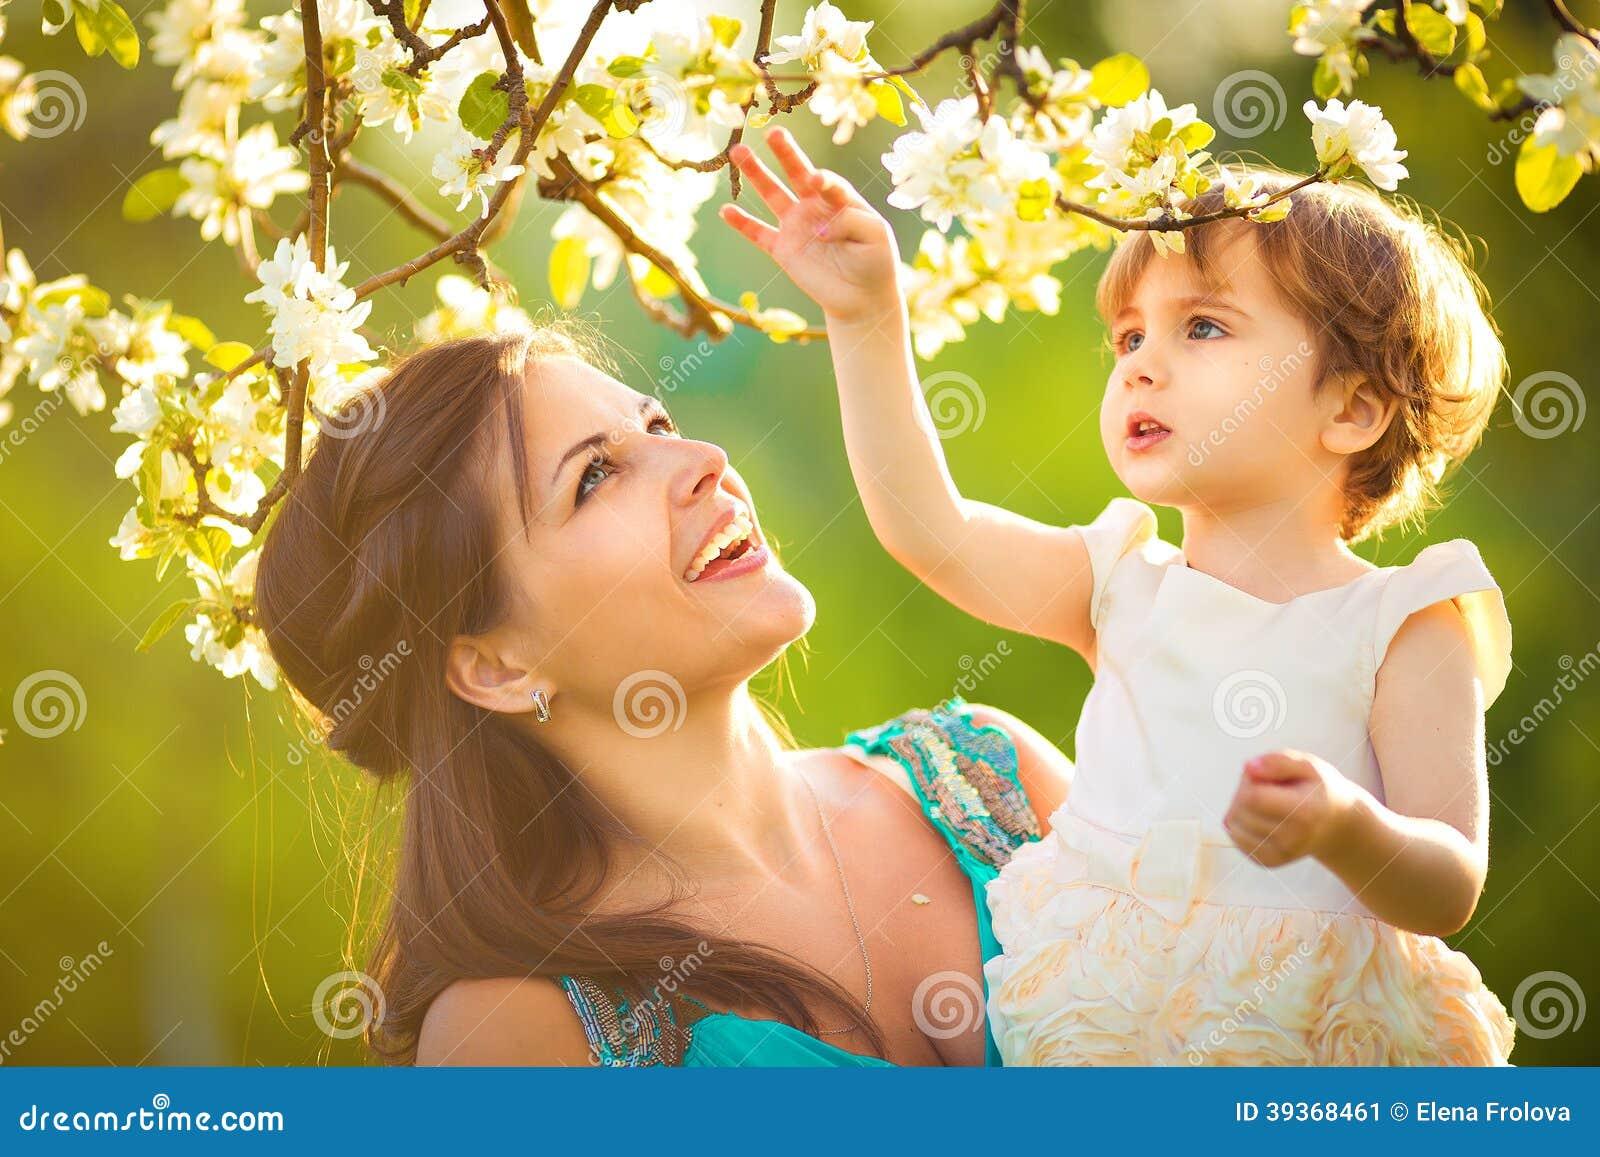 Gelukkig vrouw en kind in de bloeiende de lentetuin. Kindkissi